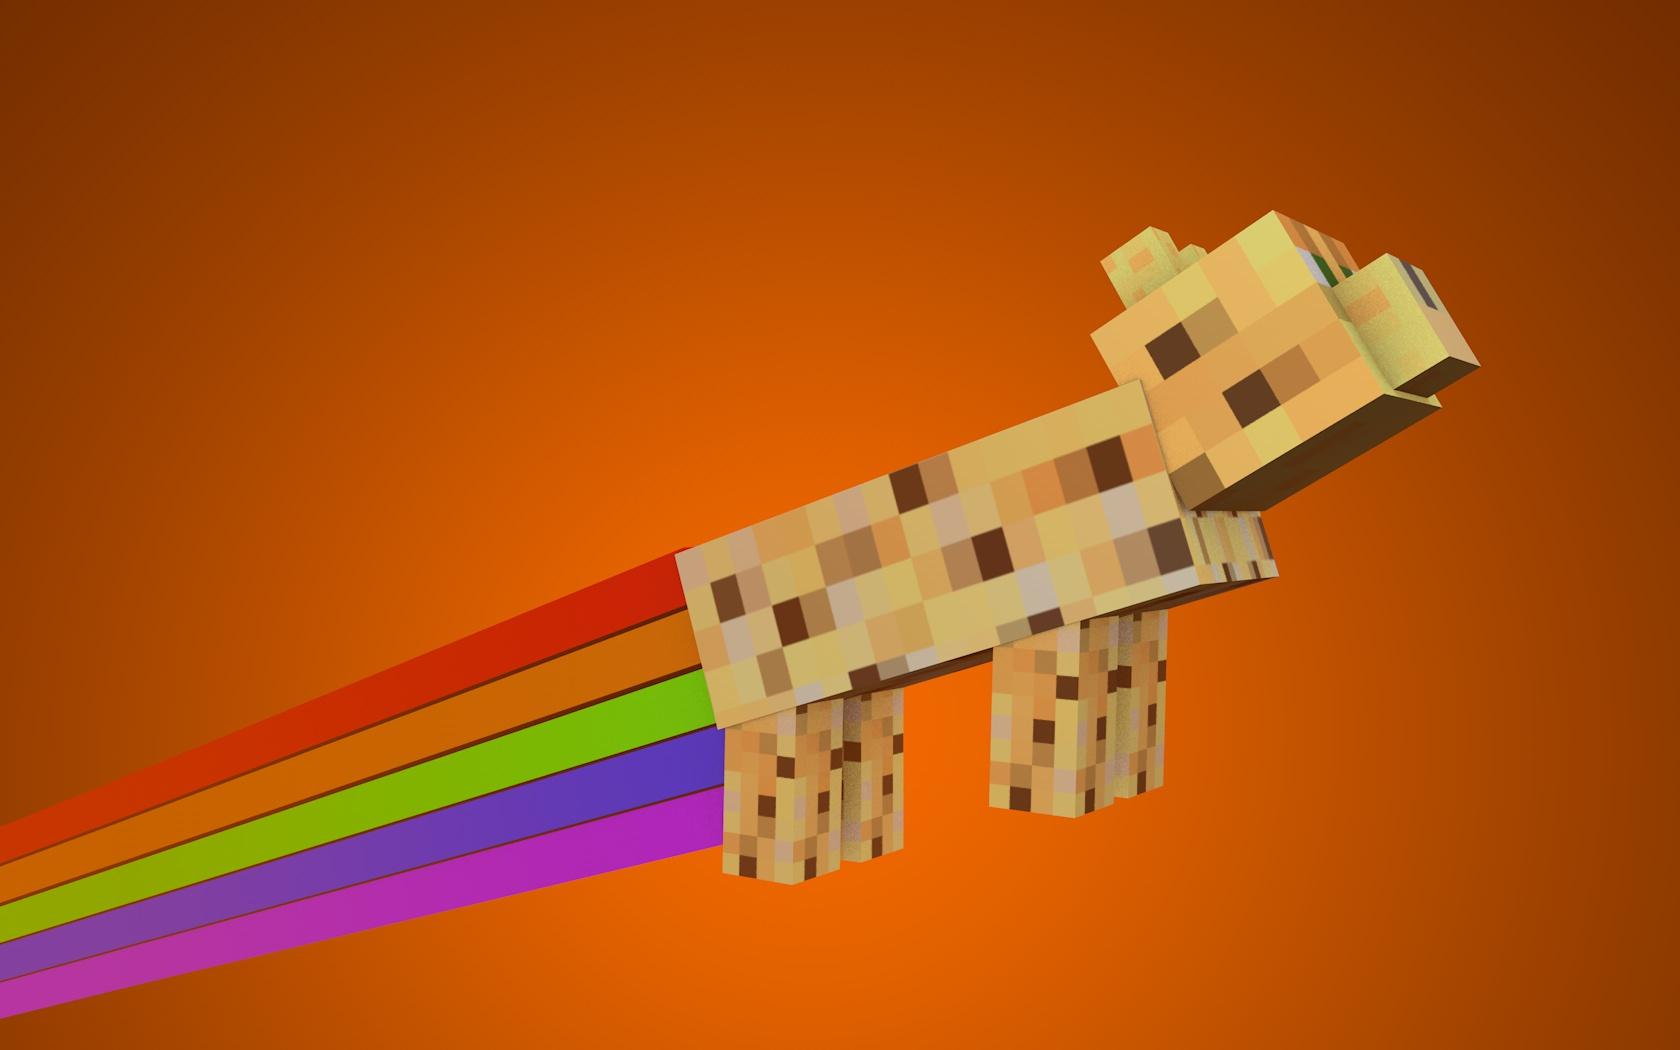 43 Minecraft Ocelot Wallpaper On Wallpapersafari